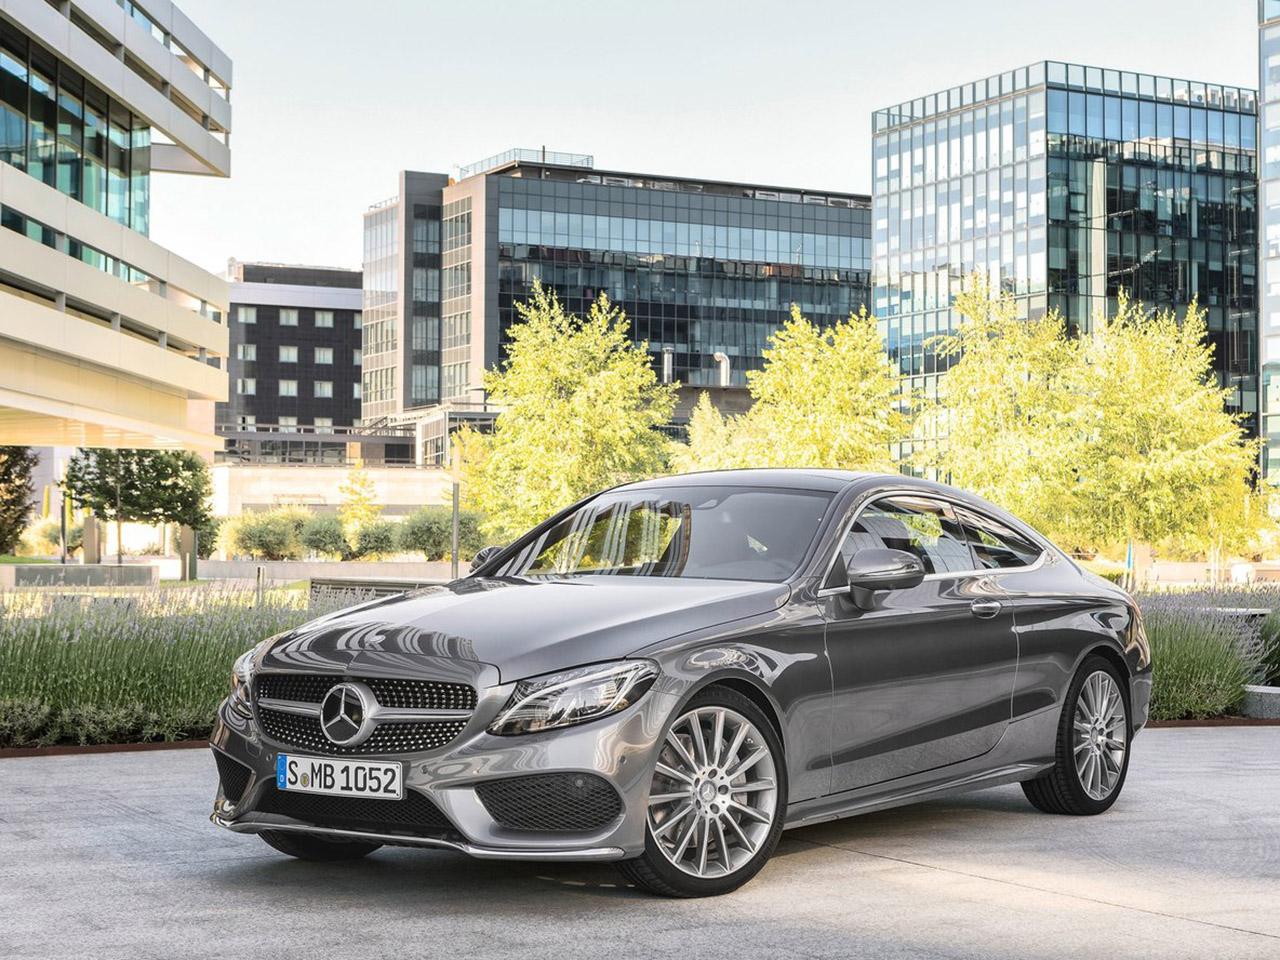 Mercedes benz C klasse coupe